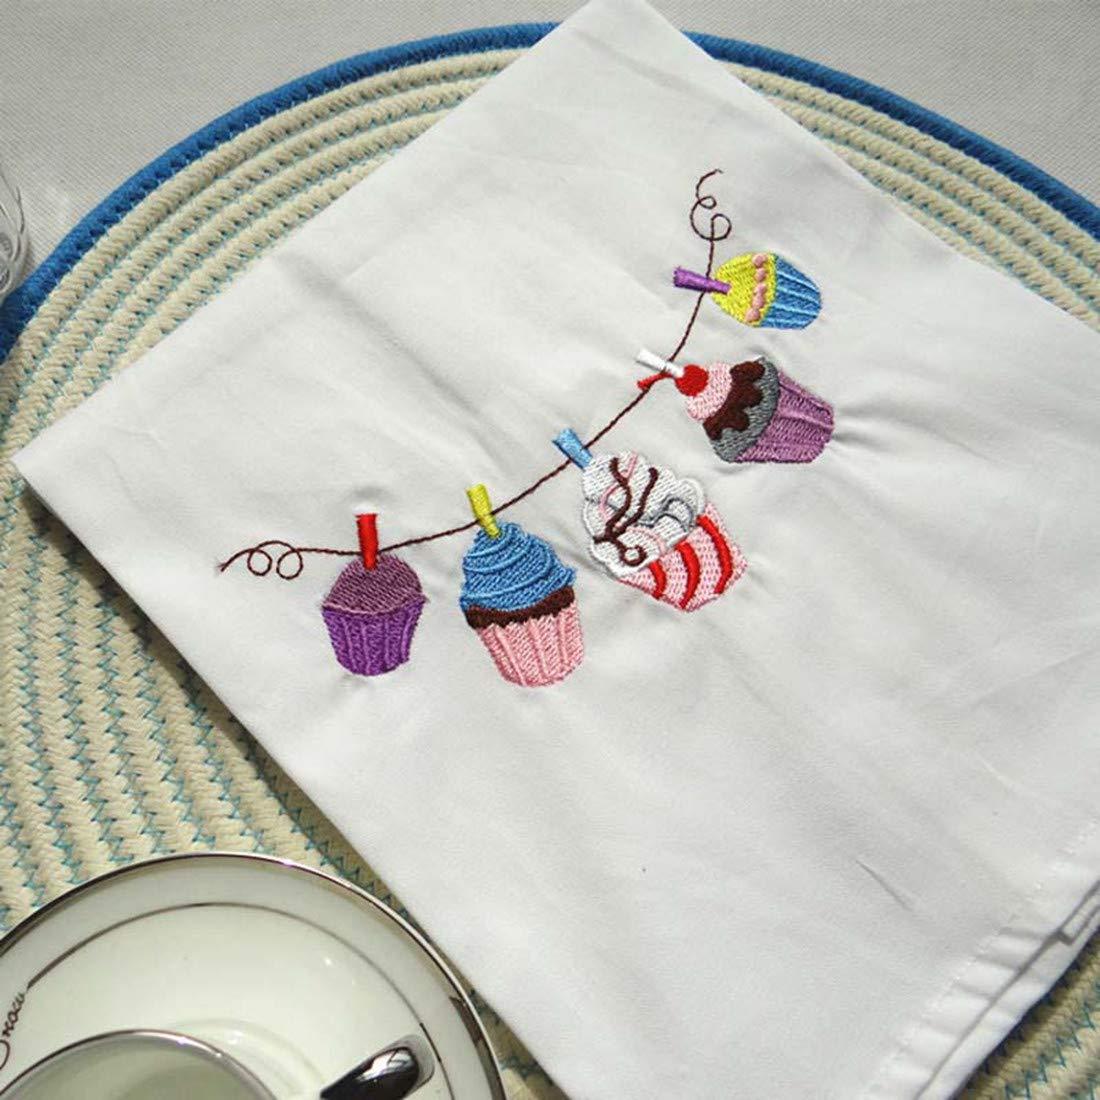 吸水性刺繍布テーブルナプキン キッチンティータオル 写真小道具 6枚 45x70cm JOPLL-BCJ126-A  A B07HKCJGXJ